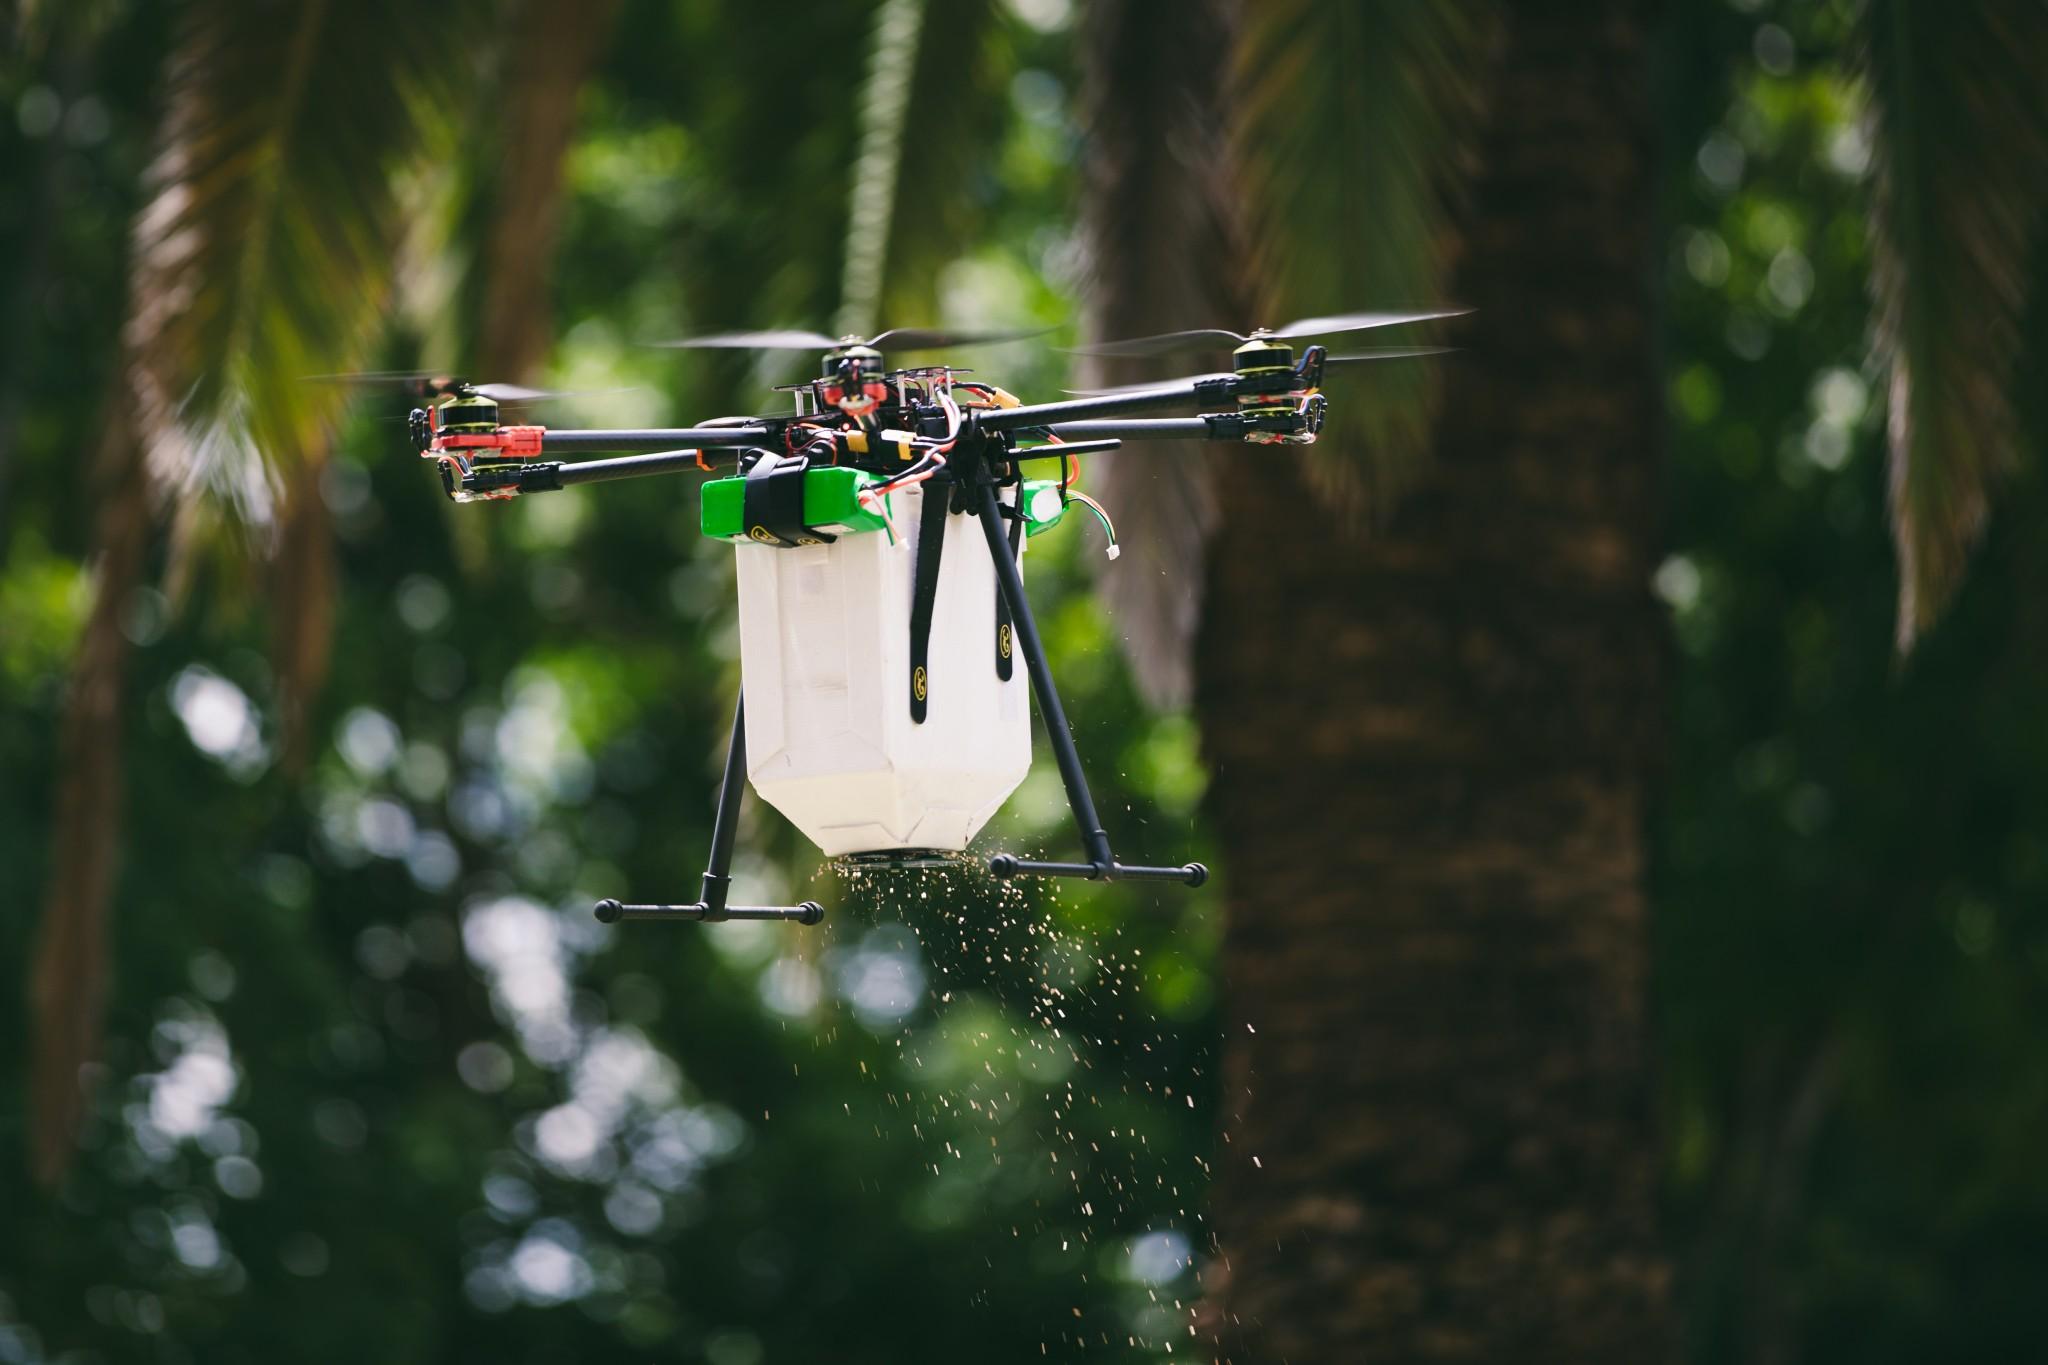 Un dron que hace llover ácaros